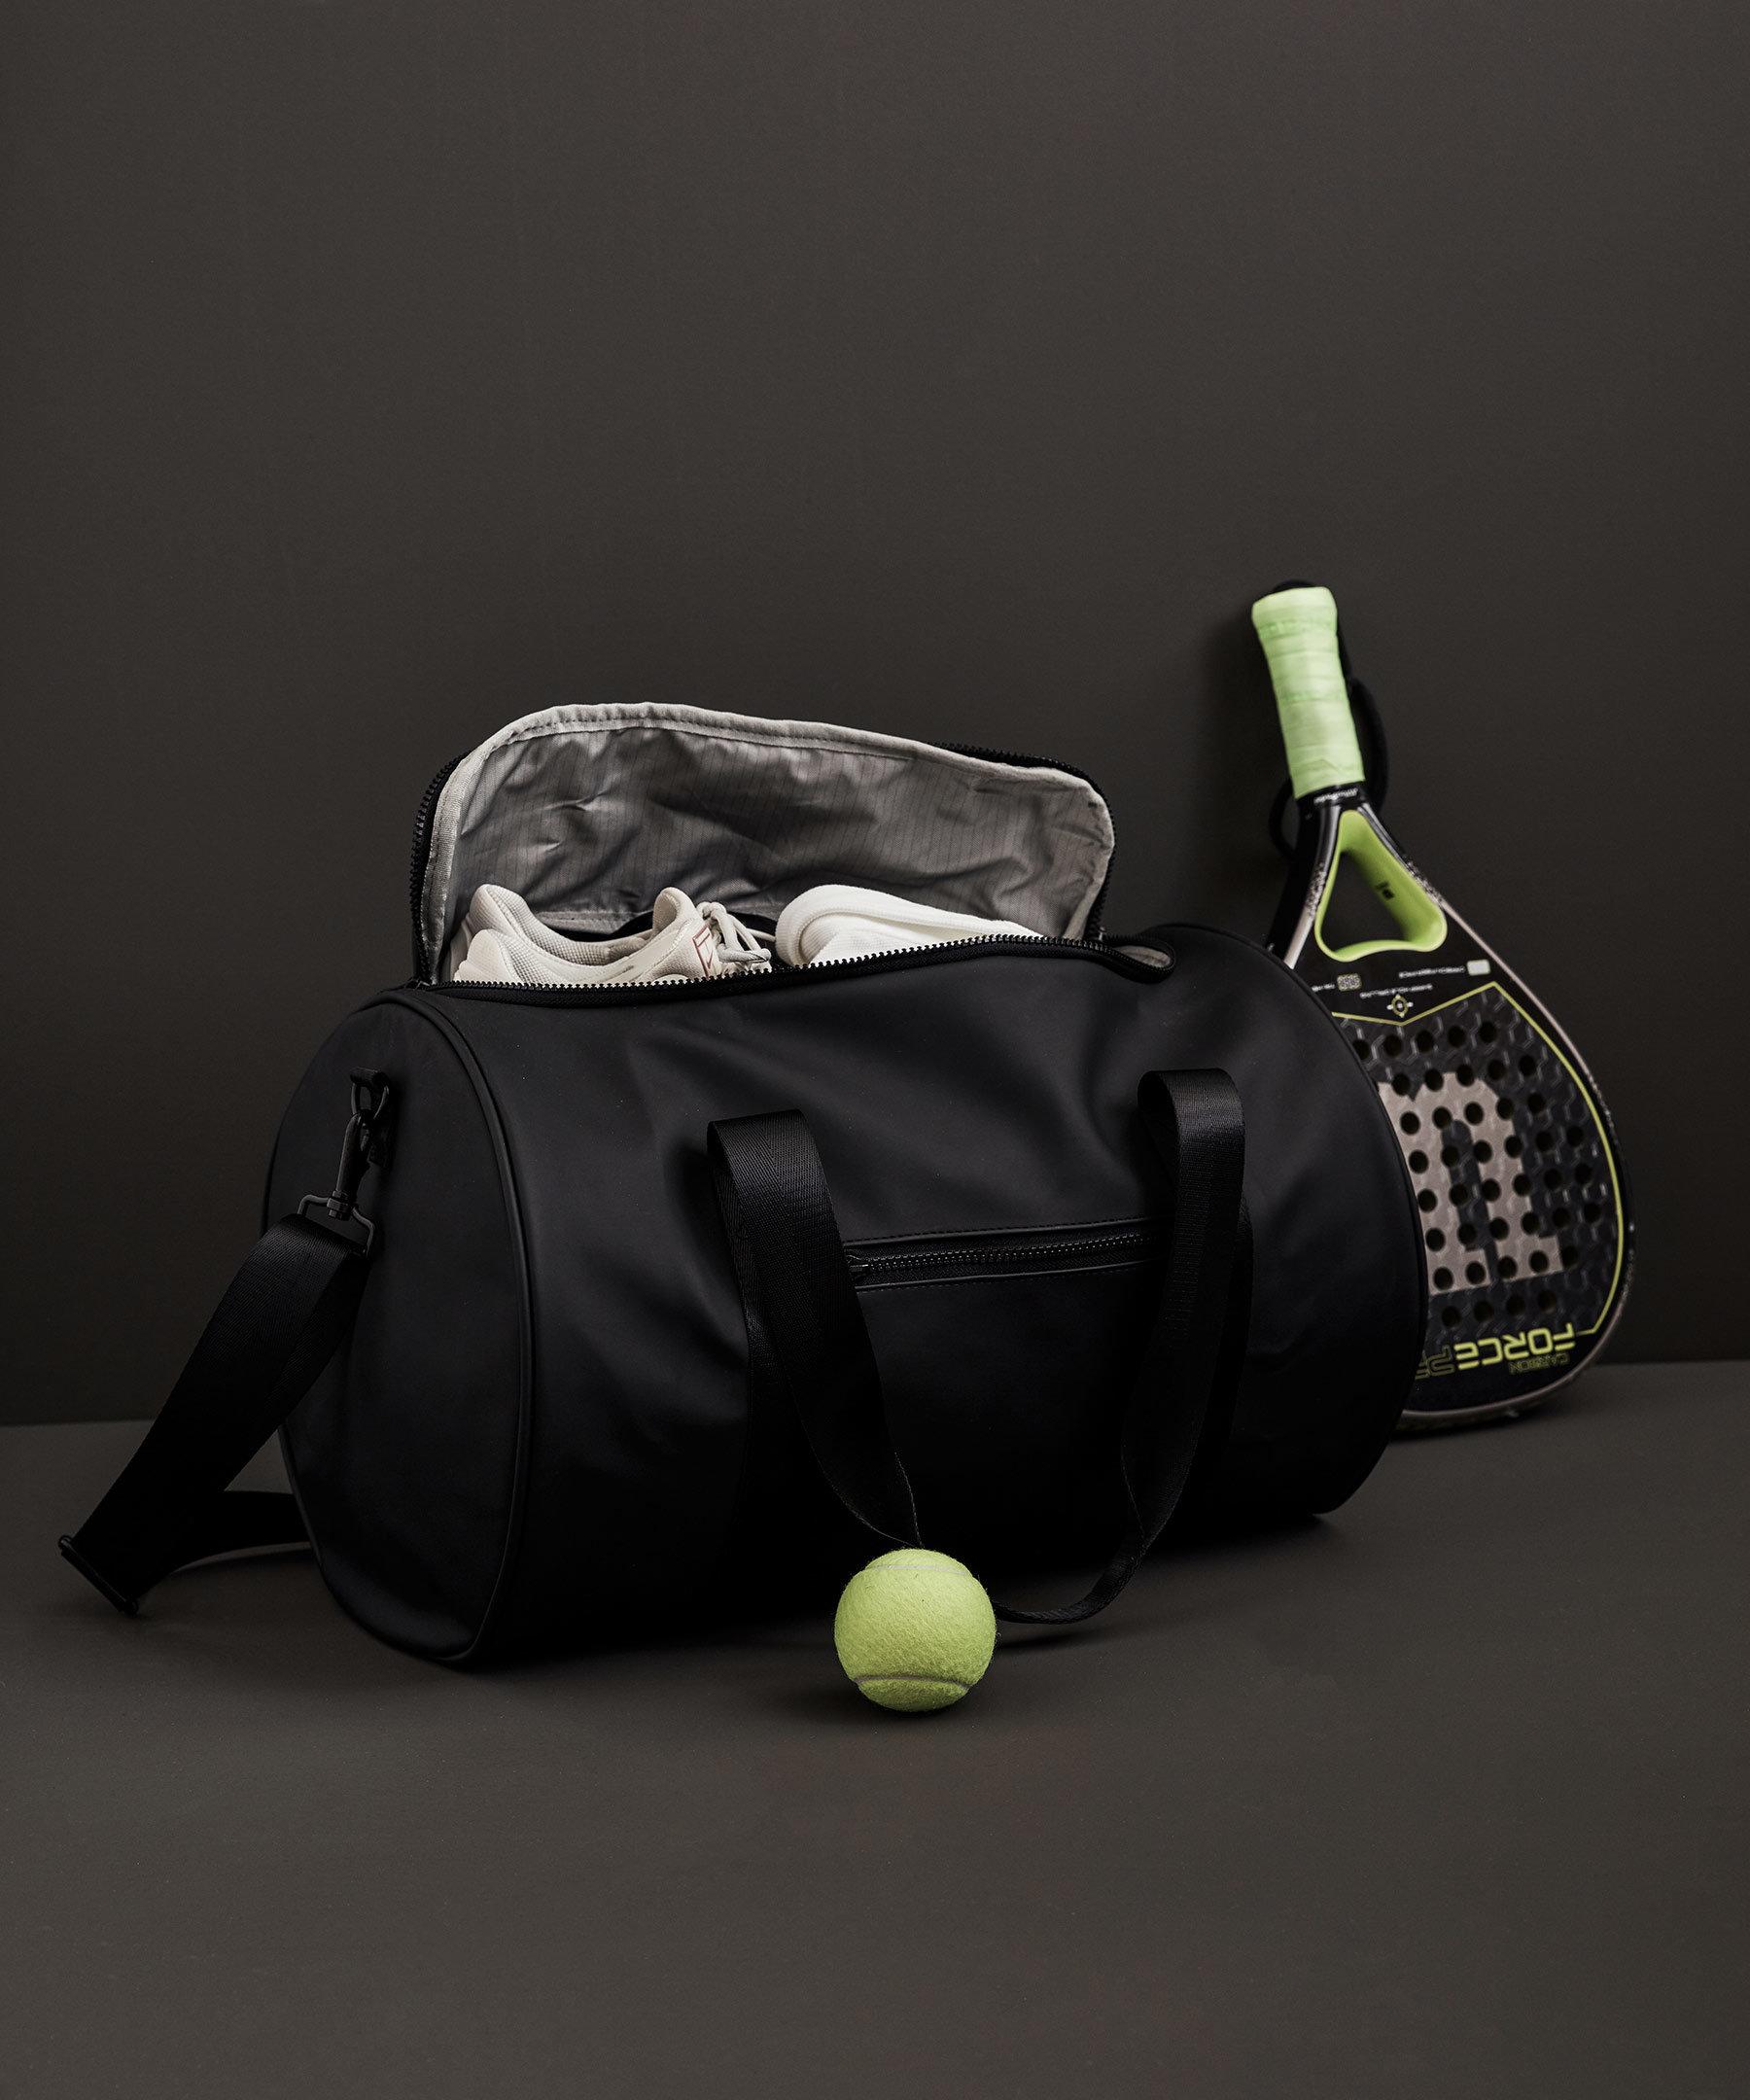 Svart träningsväska och padelracket